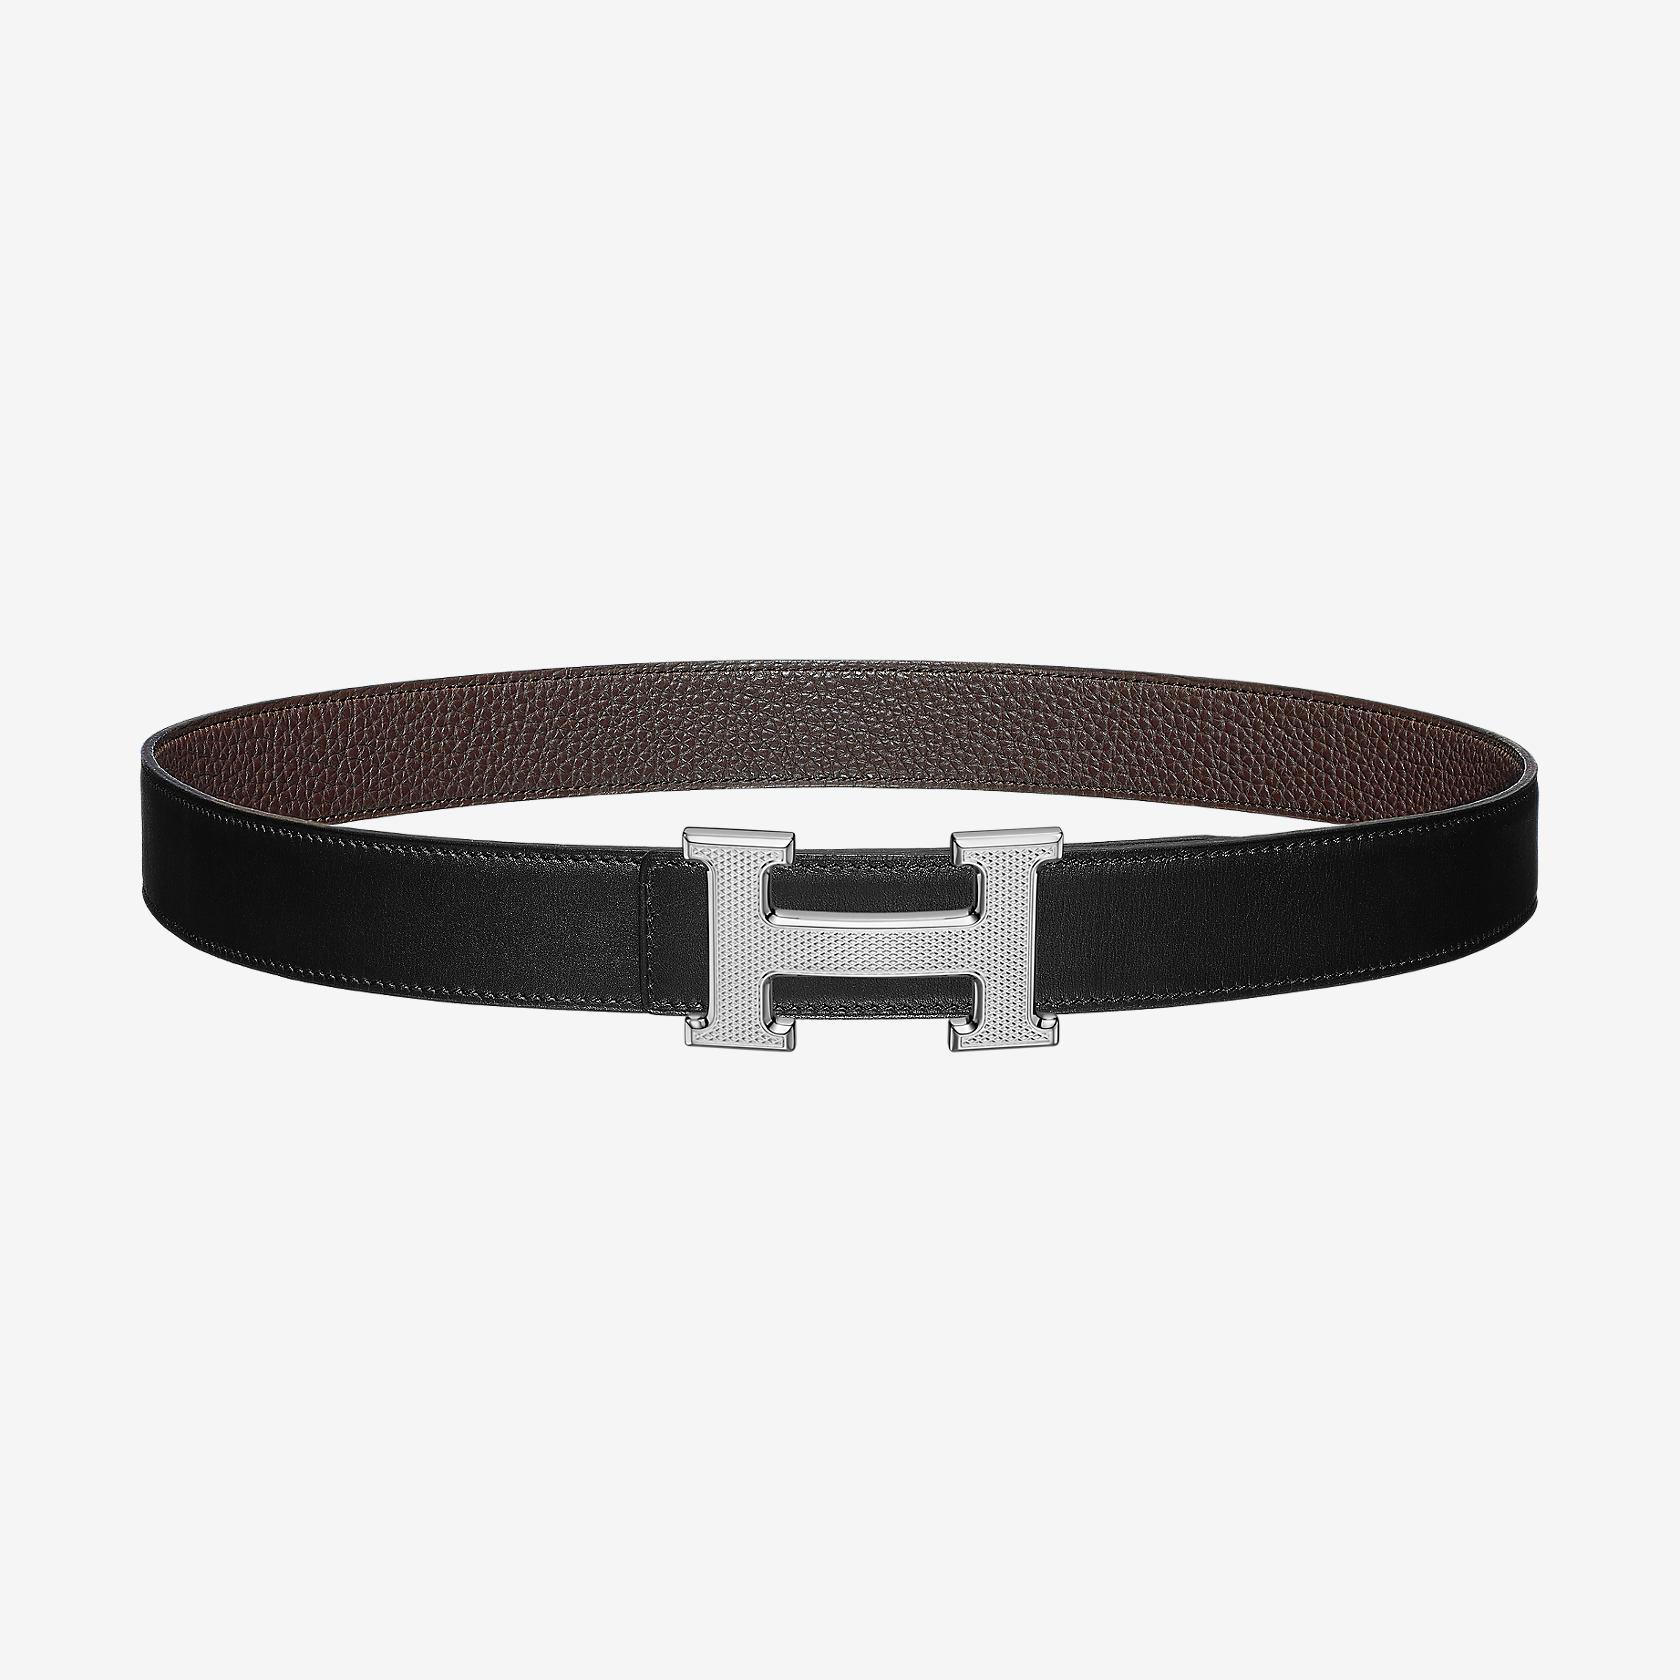 72aa21f39baa Boucle de ceinture H Guillochée   Cuir de ceinture réversible 32 mm   Hermès